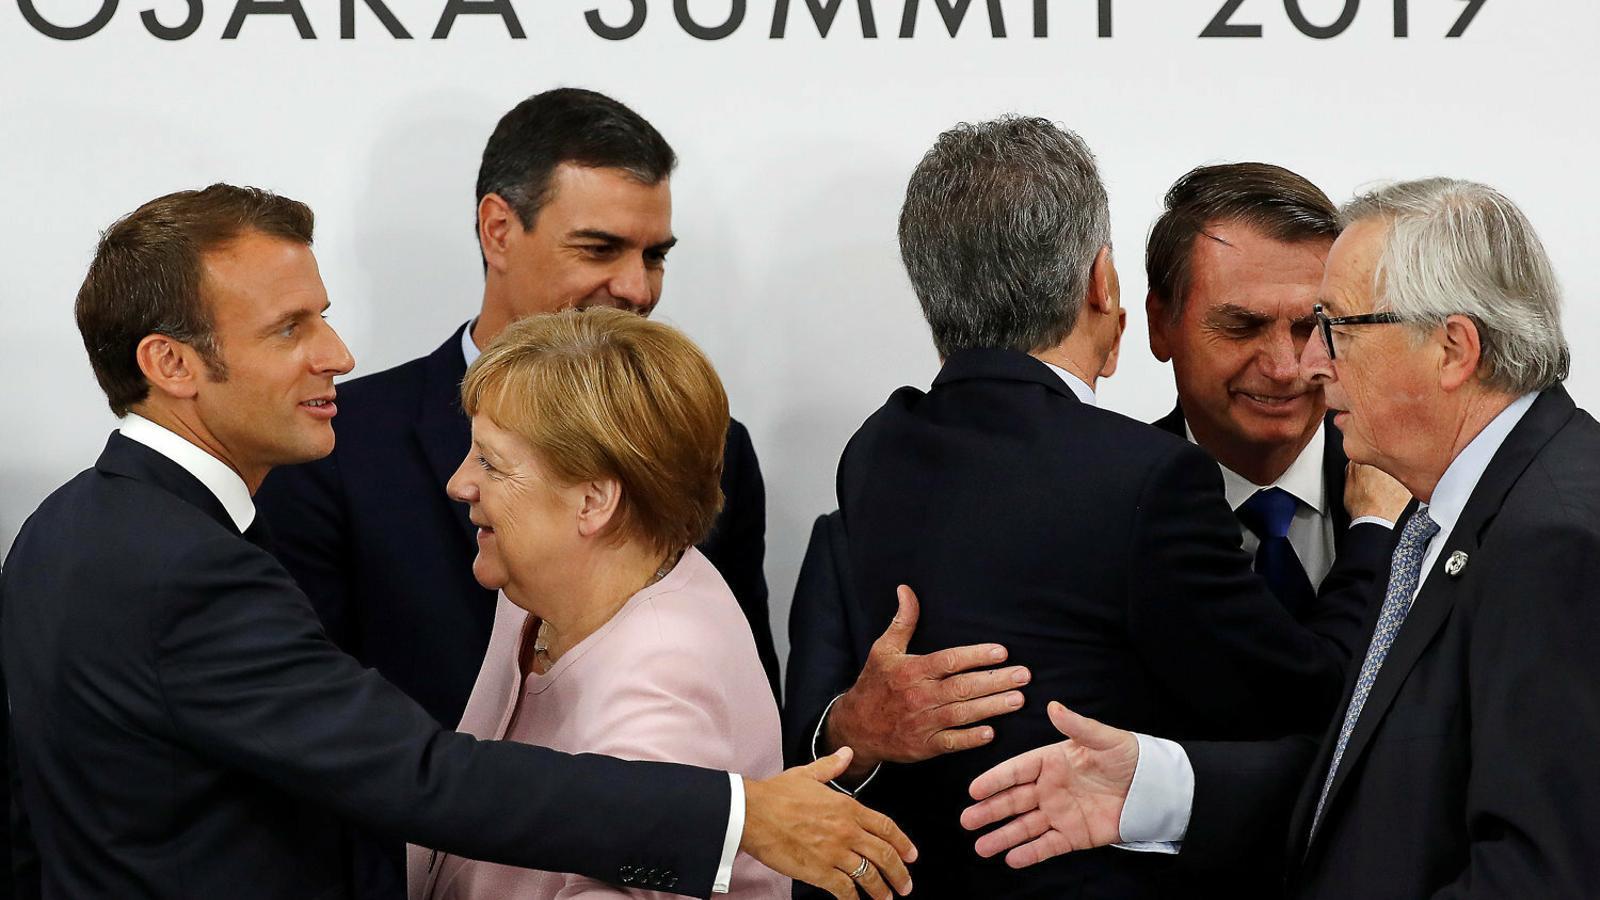 Esprint per als relleus a la UE: Tusk proposarà als líders que els socialistes presideixin la Comissió